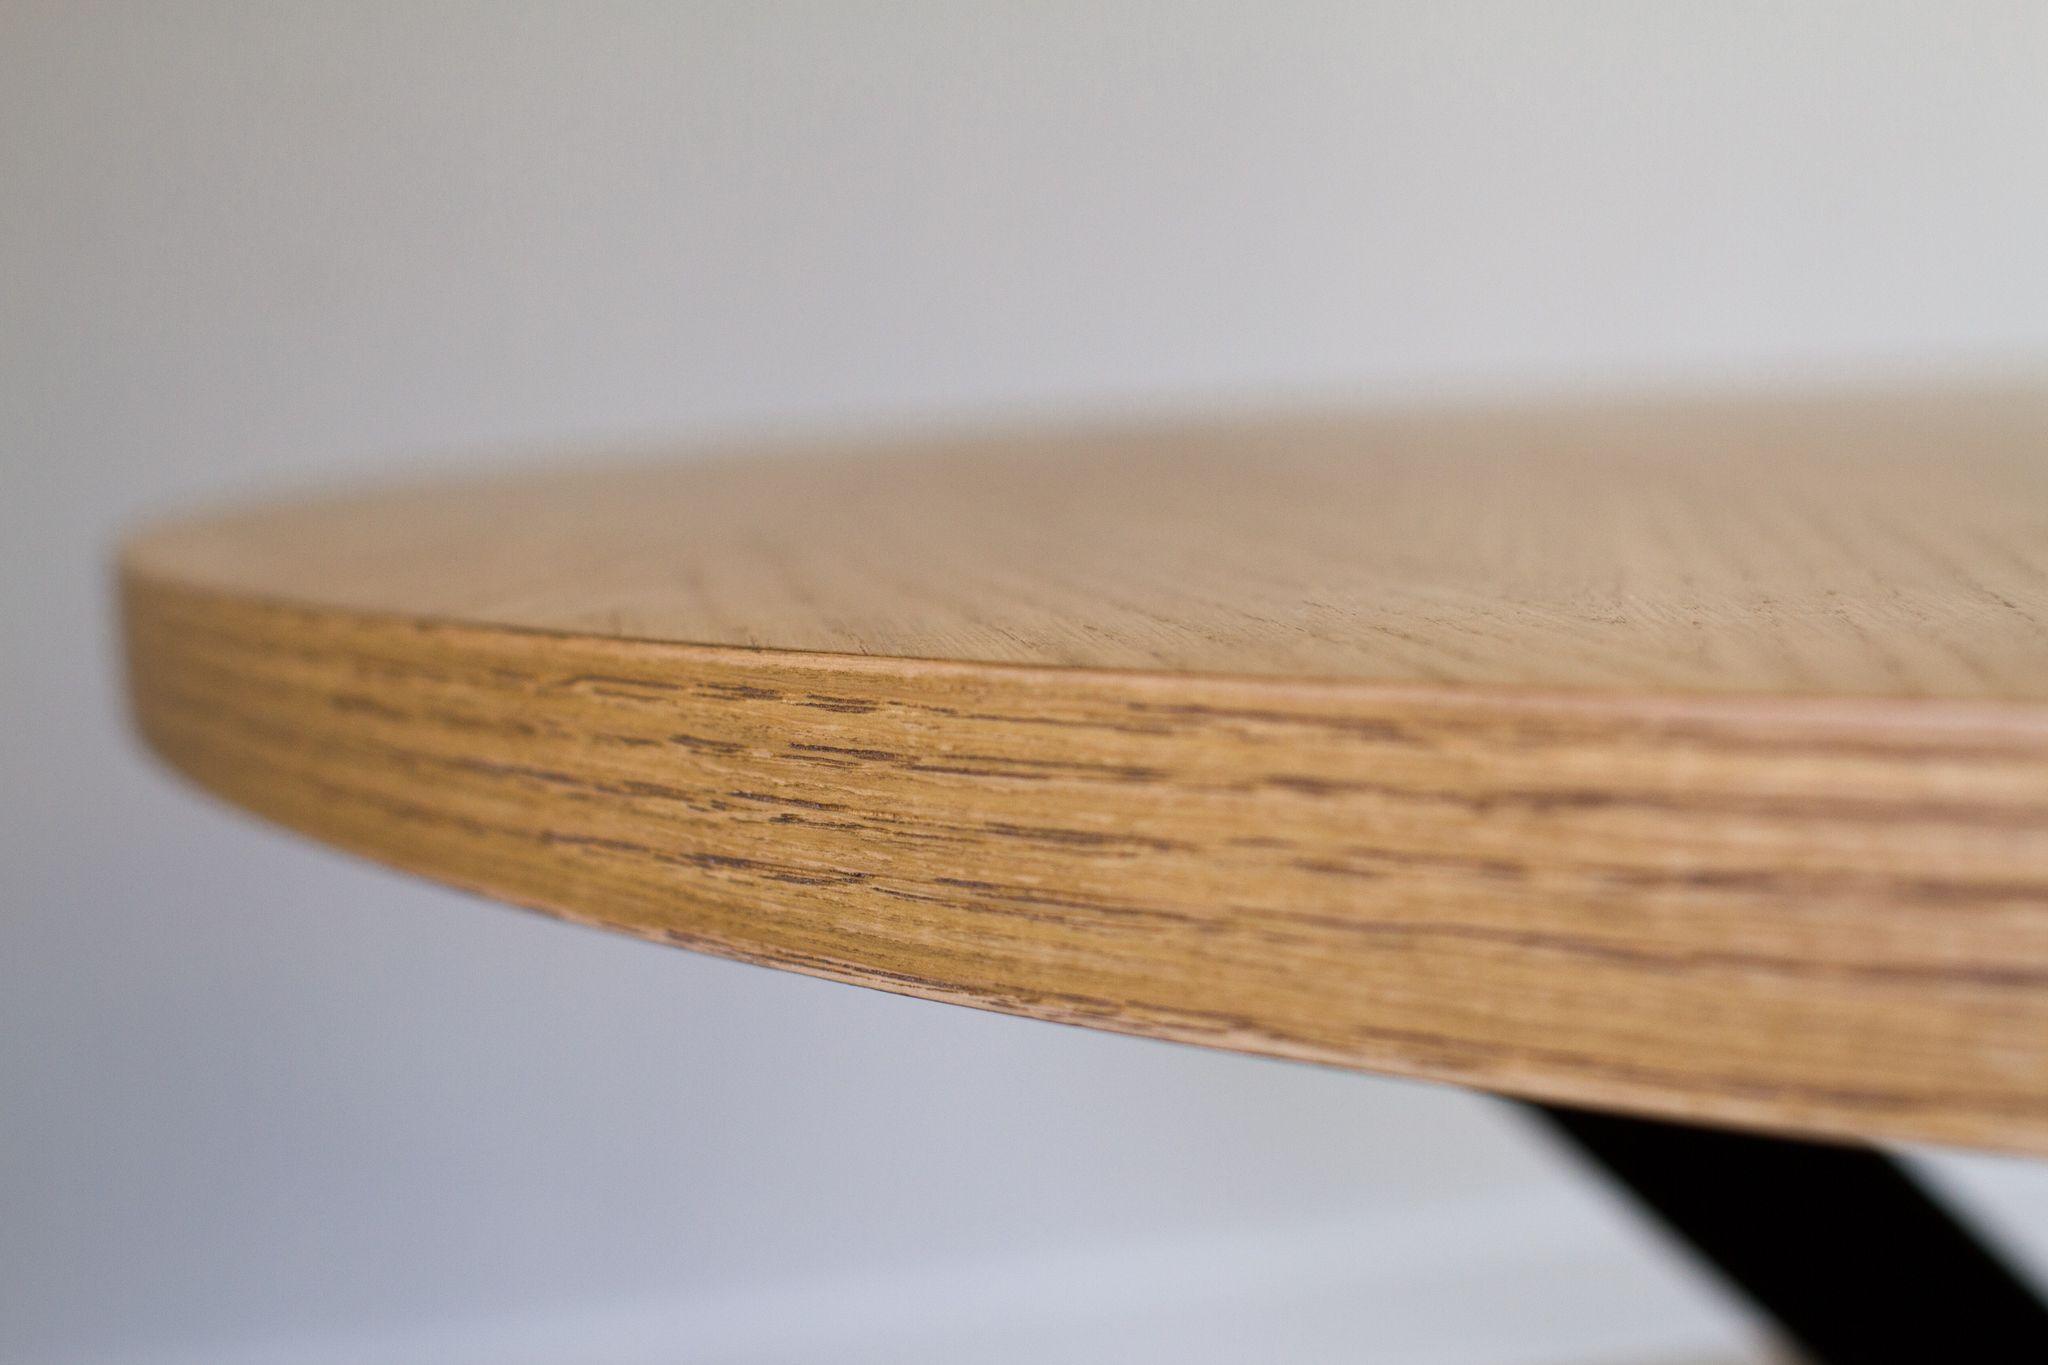 Χειροποίητη ΞύλινηΡοτόντα ελληνικής παραγωγήςαπόμέταλλο και ξύλο.